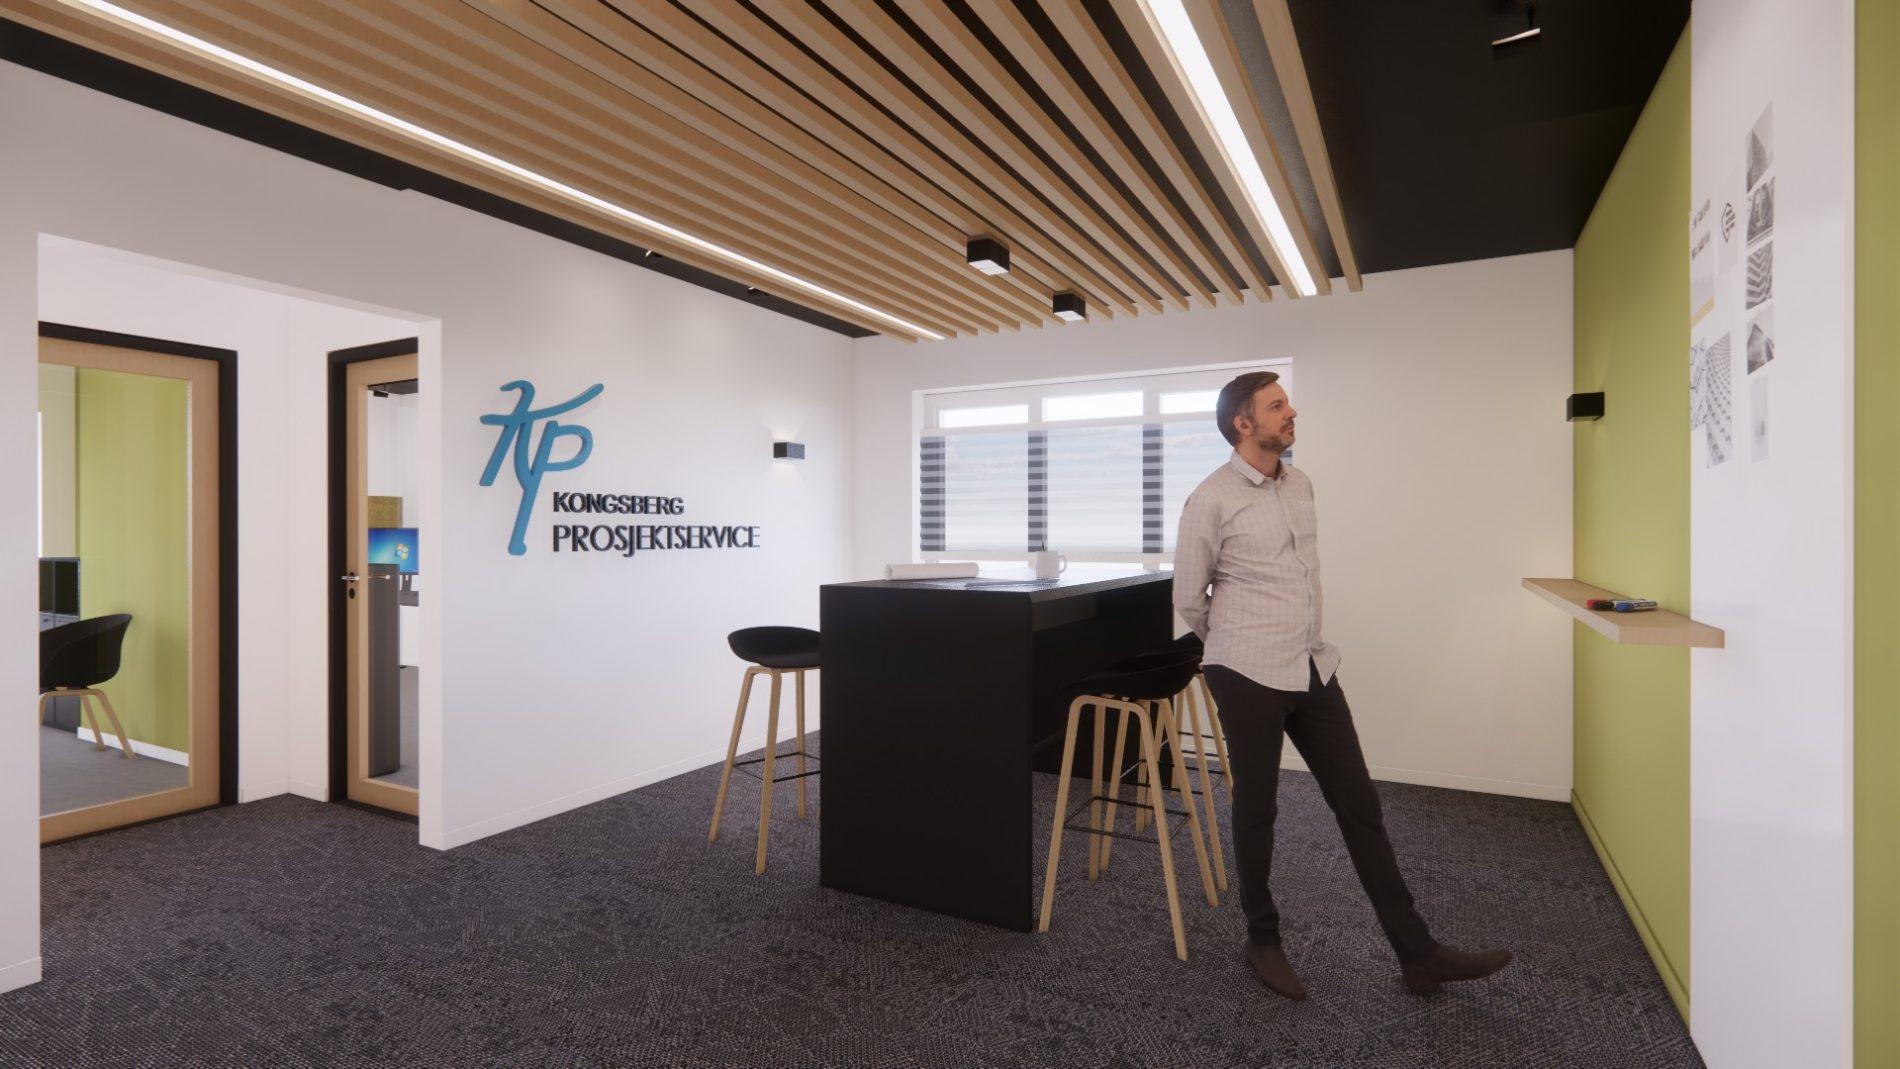 Renovering og oppgradering av kontorlokaler i Kongsberg